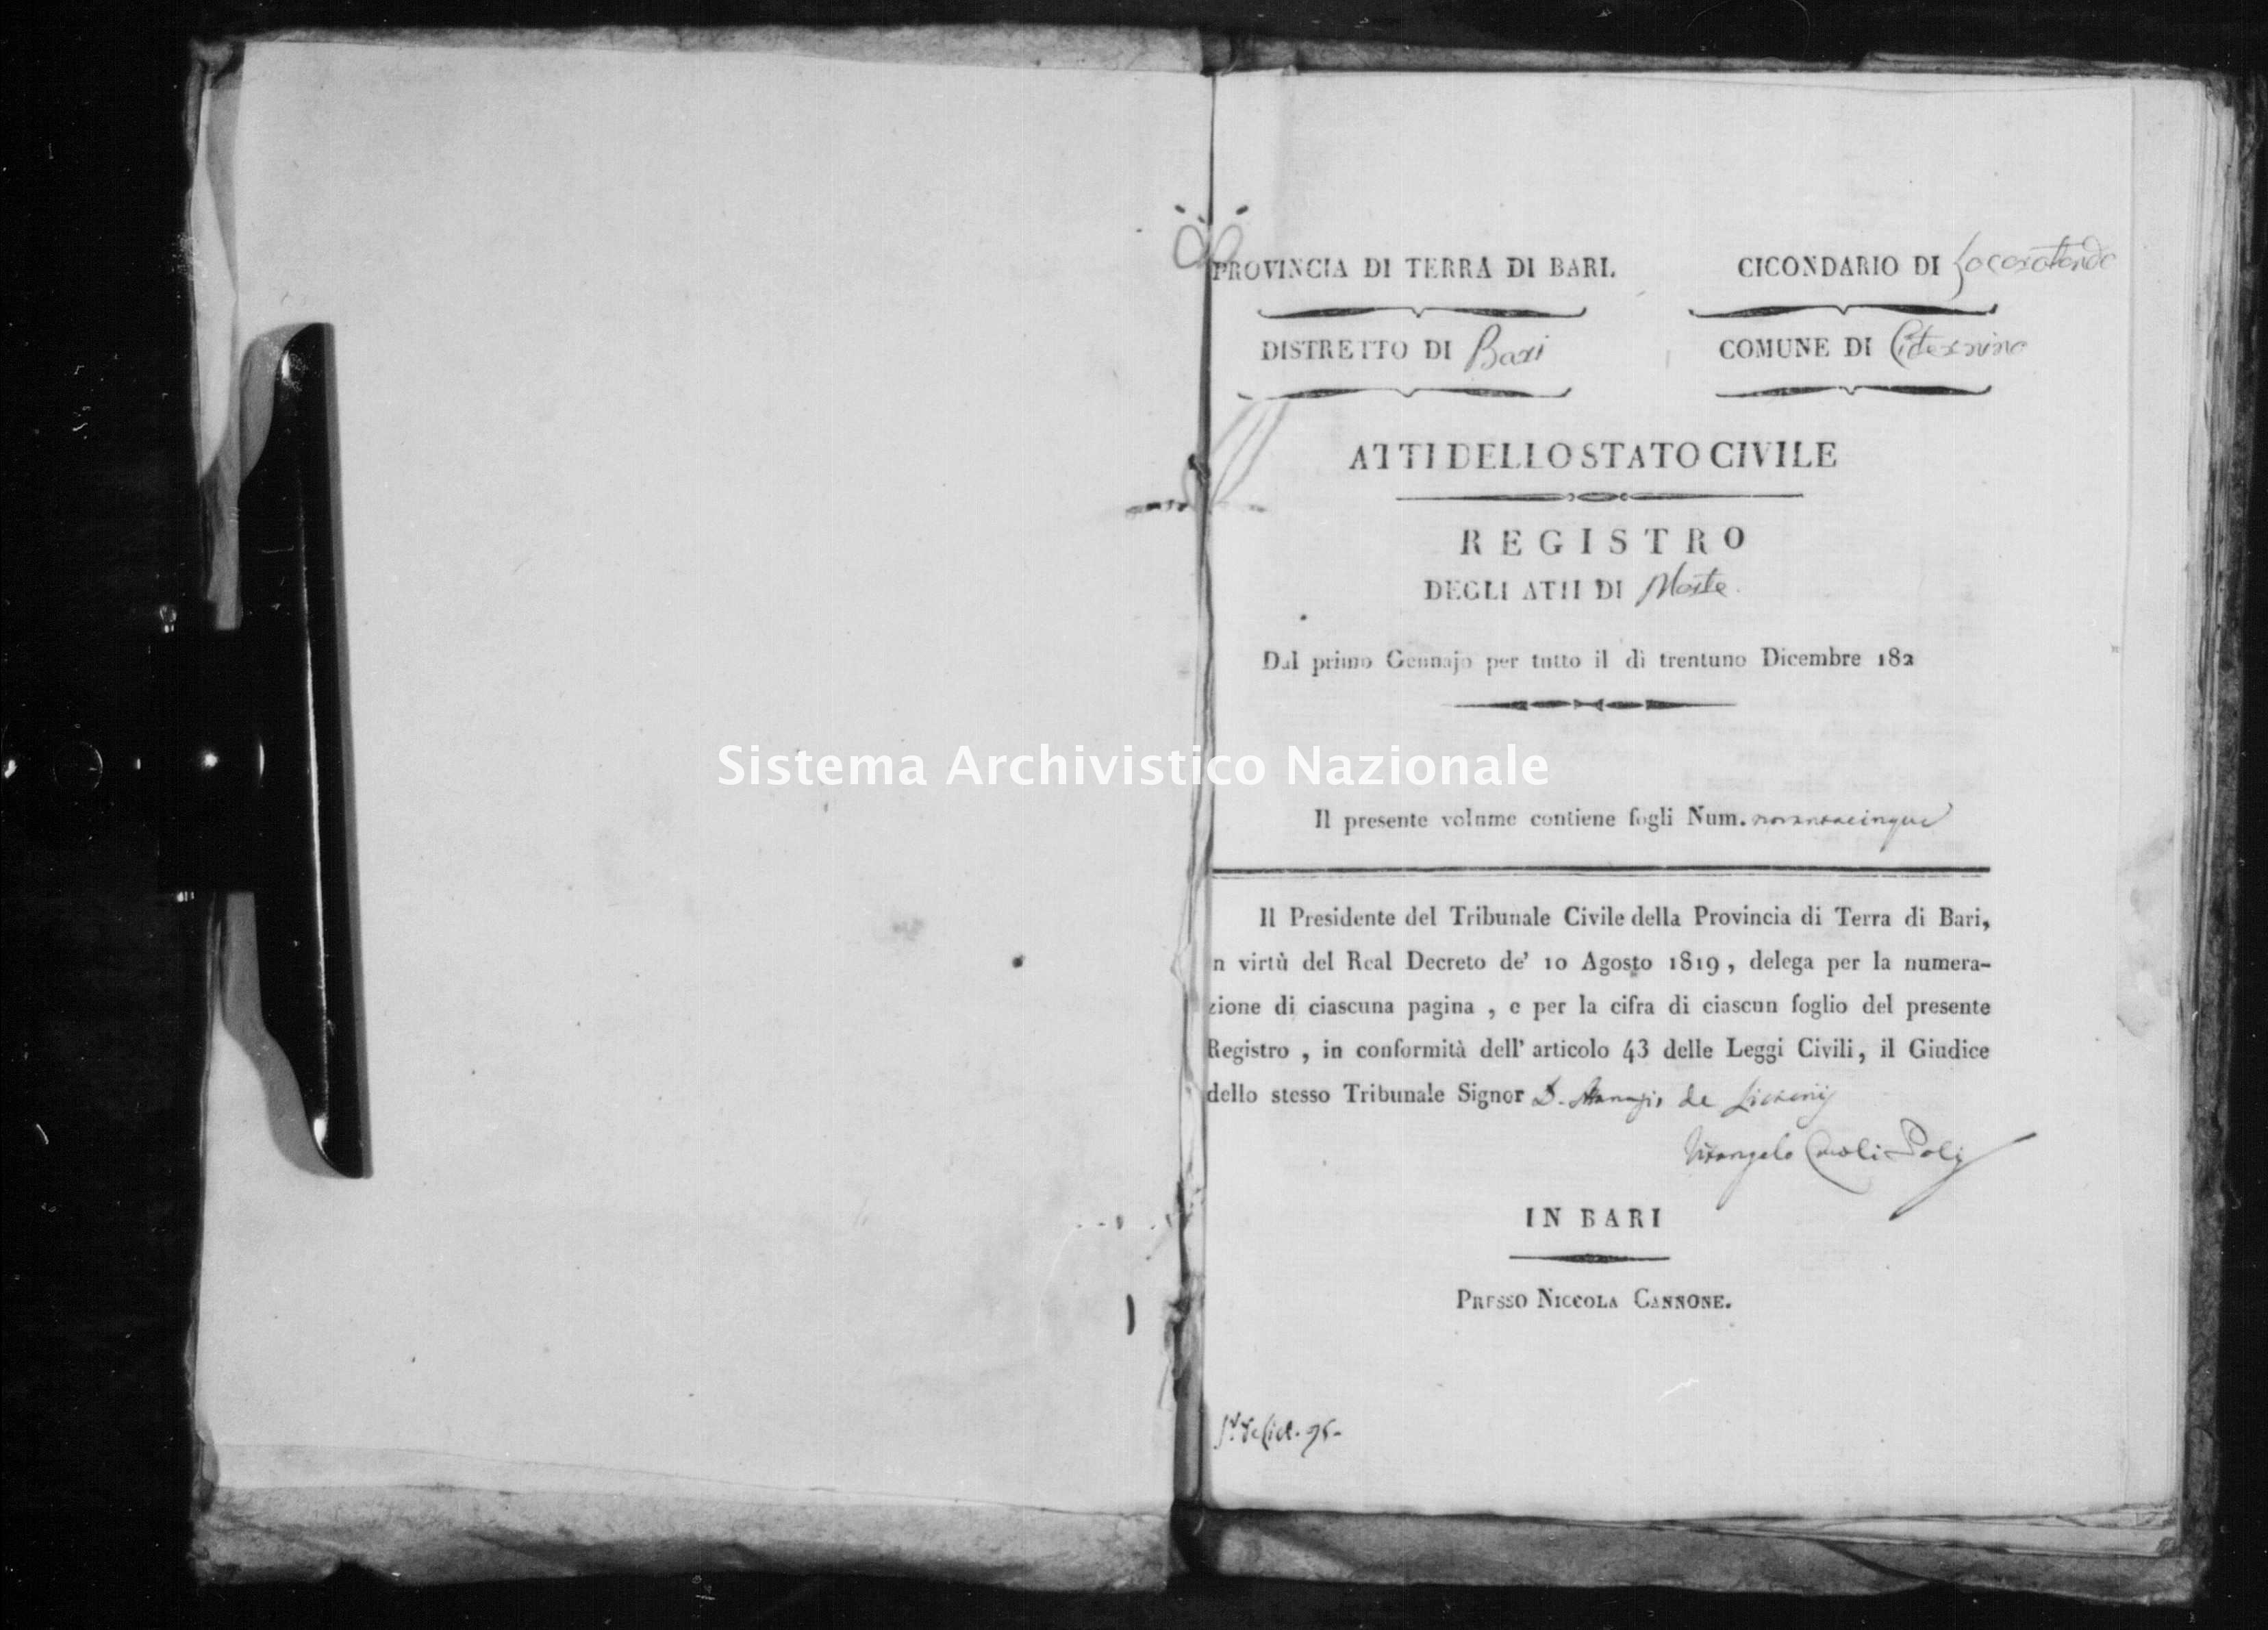 Archivio di stato di Bari - Stato civile della restaurazione - Cisternino - Morti - 1825 -